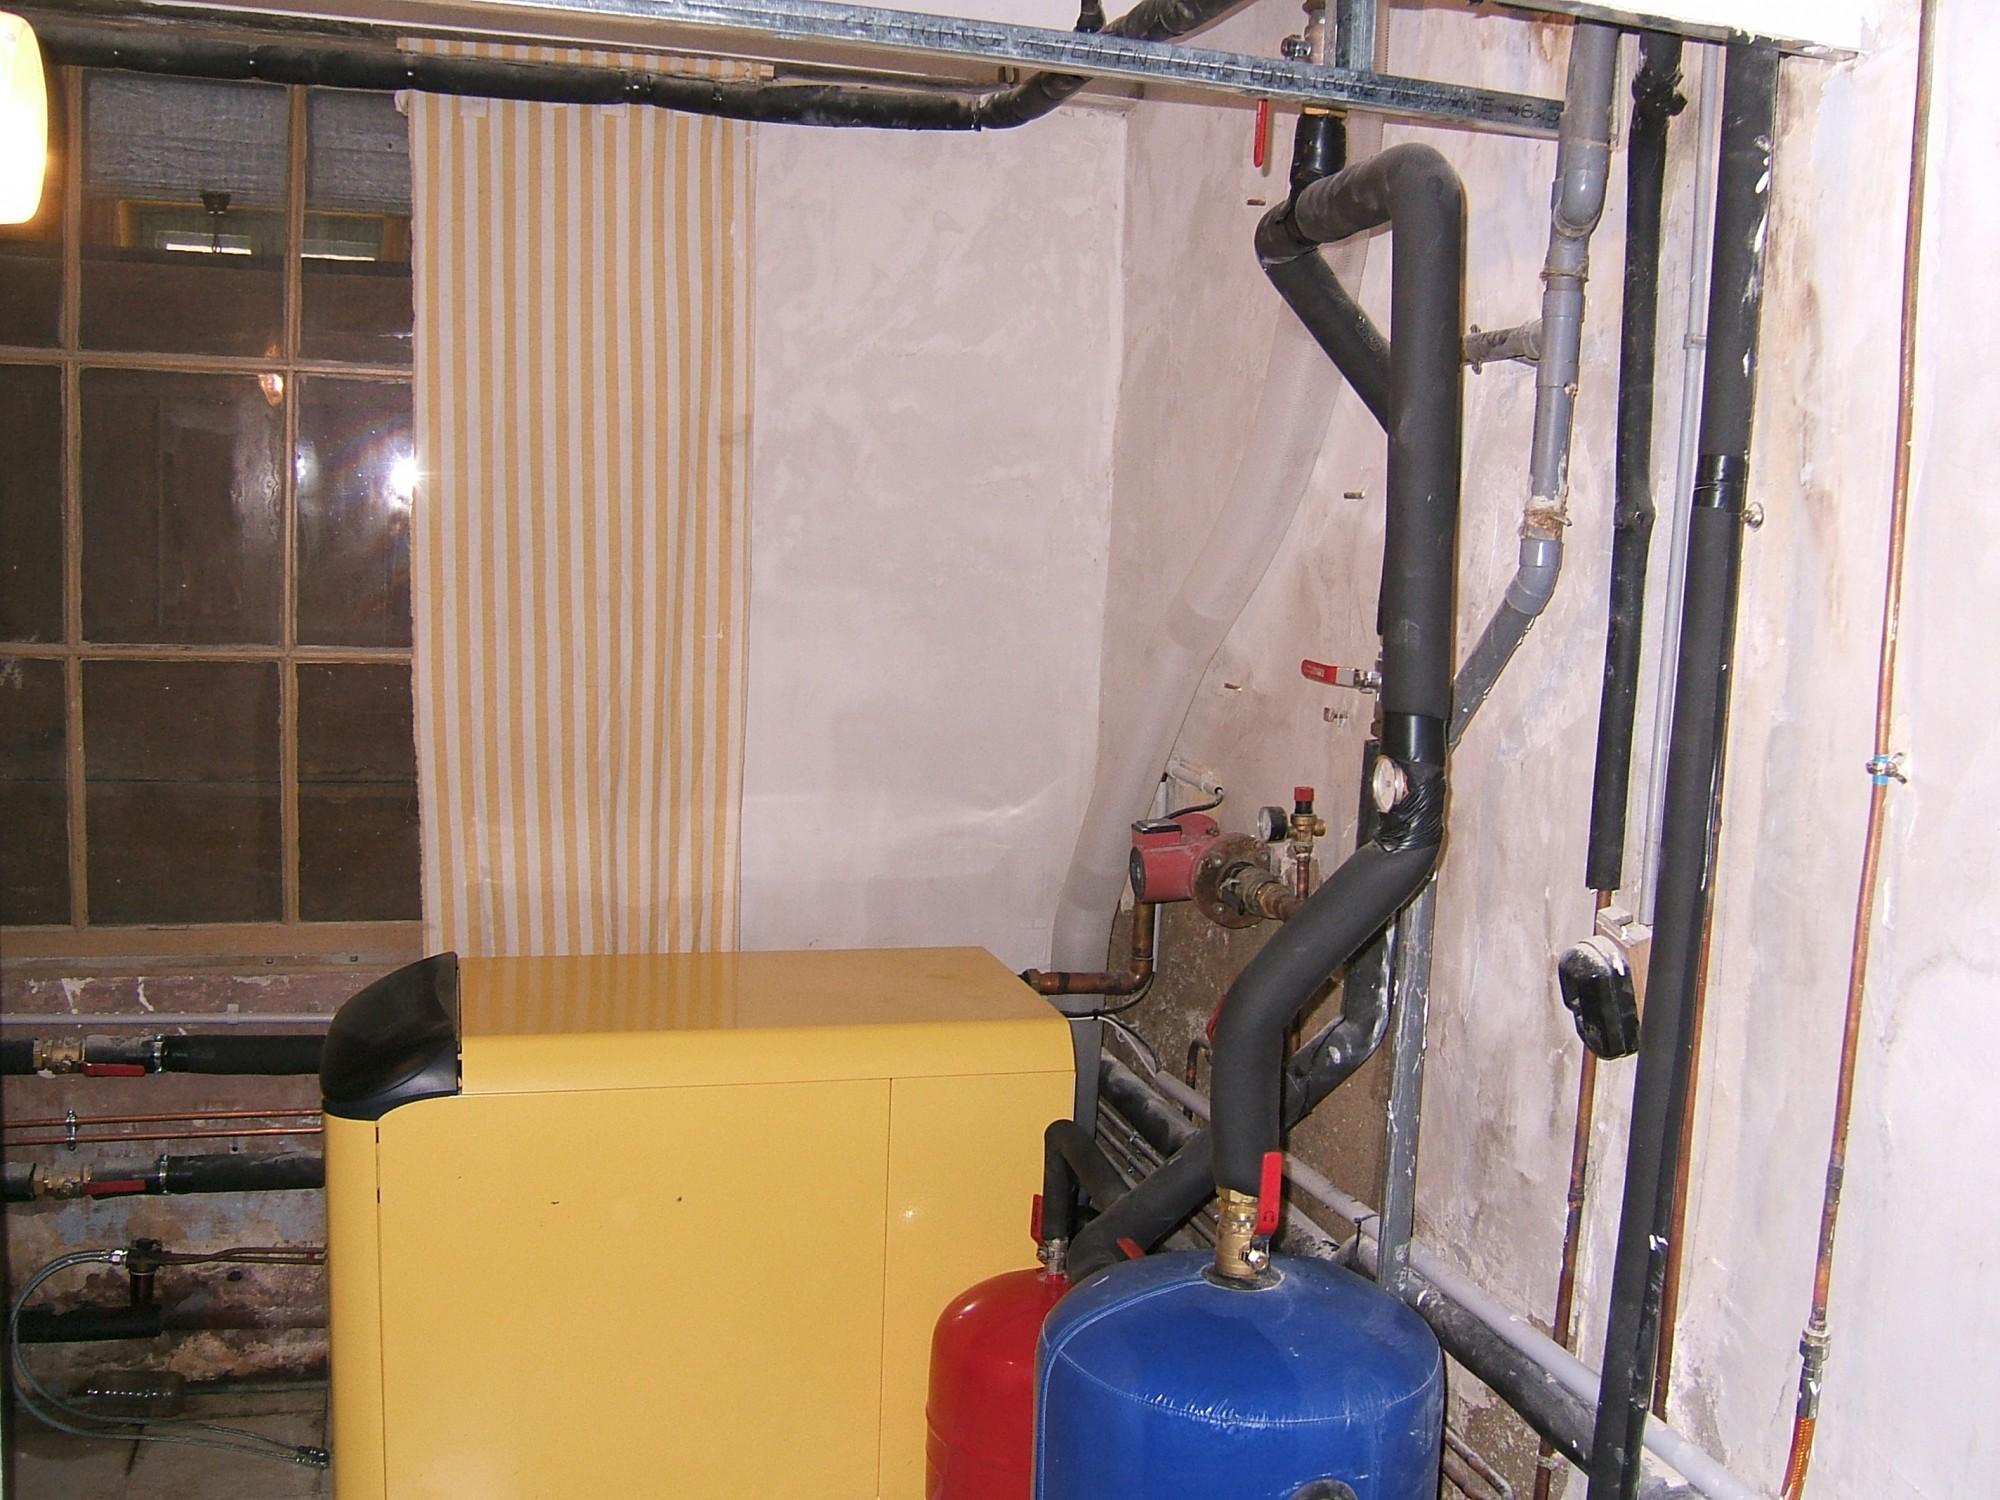 Reprise d 39 installation de pompe chaleur non conforme for Installation pompe a chaleur